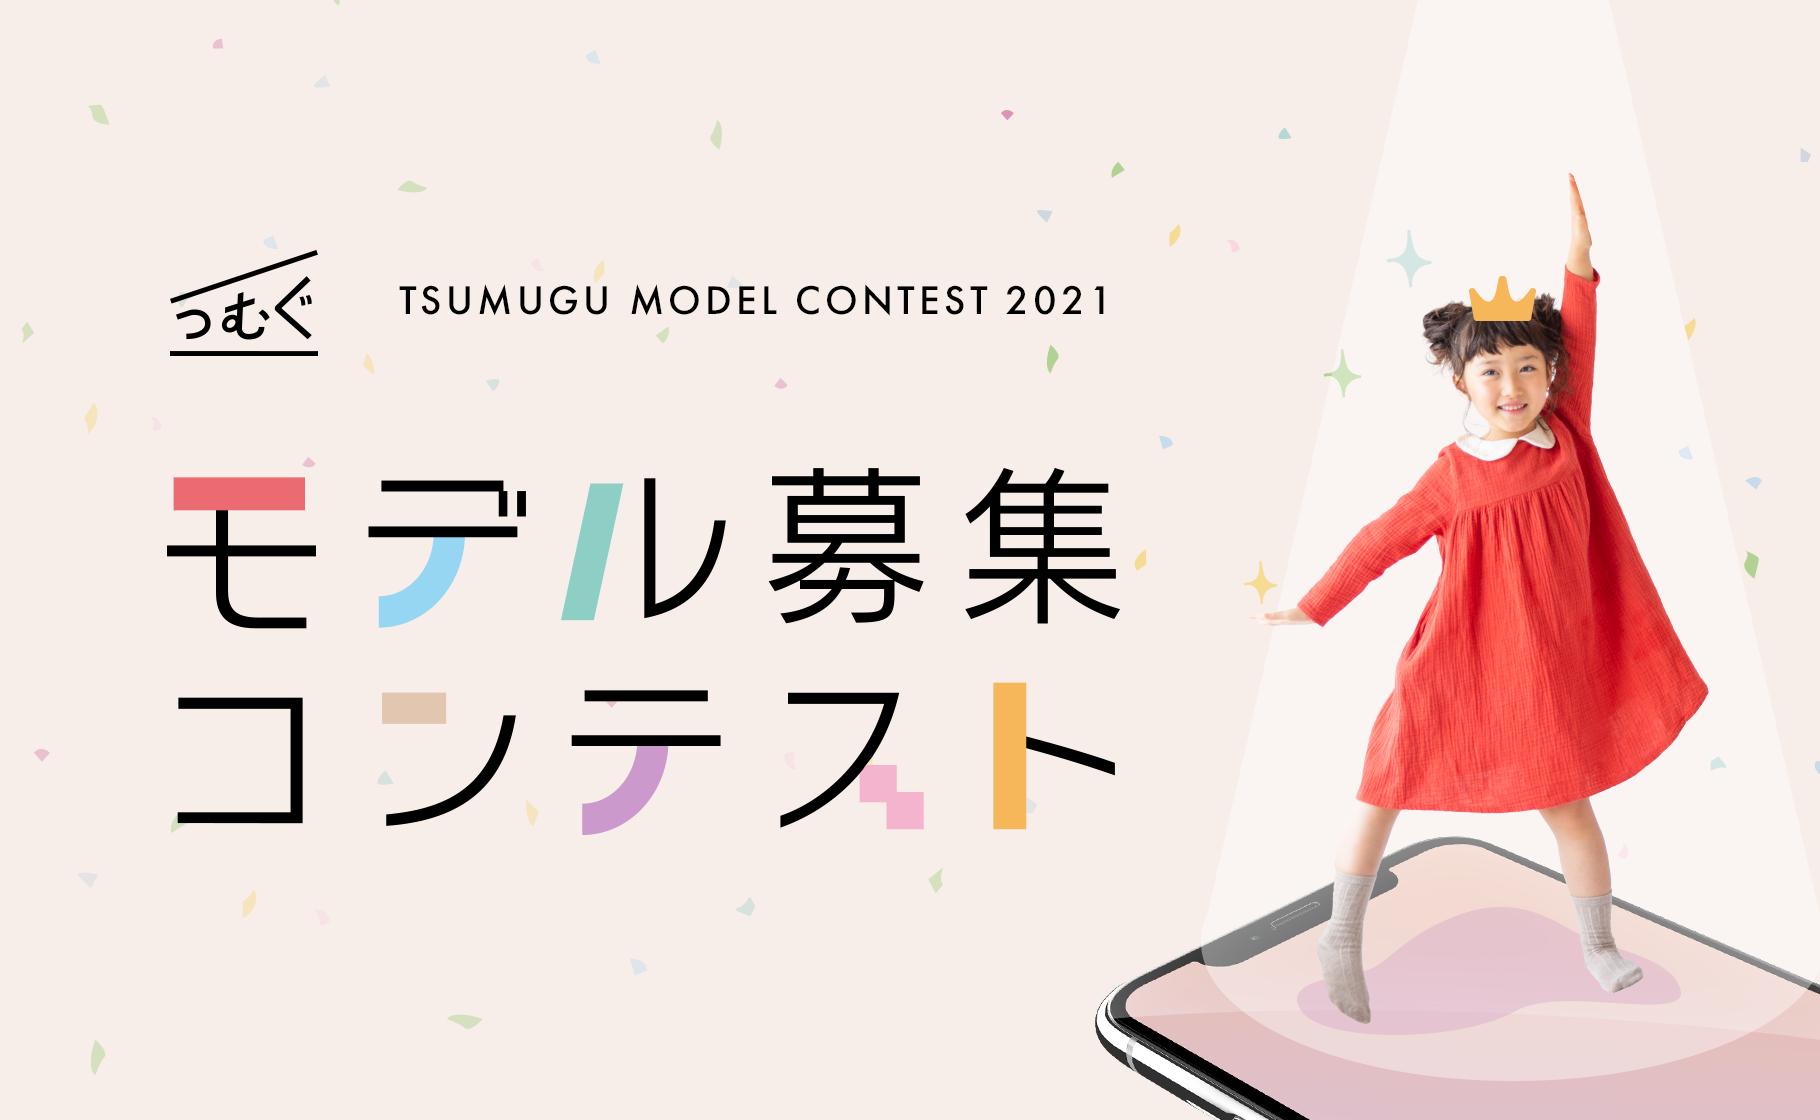 つむぐモデルとしてアプリデビューのチャンス『つむぐモデル募集コンテスト』開催中!